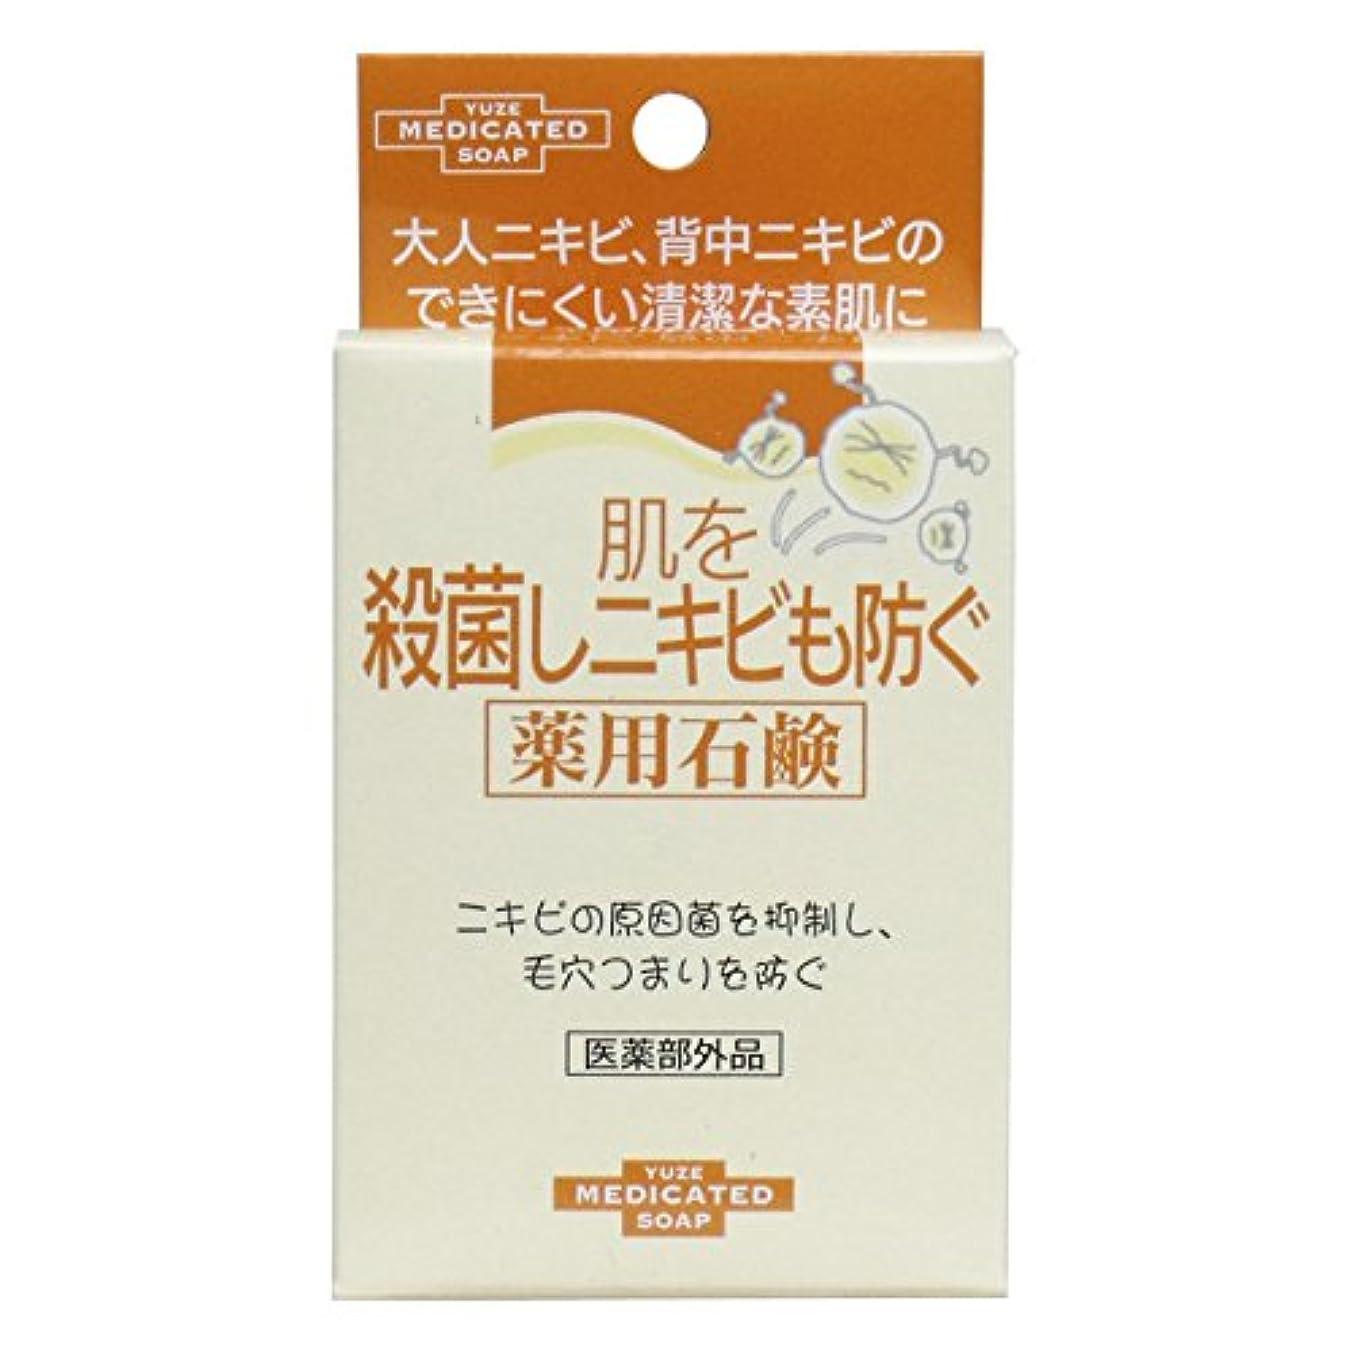 証拠矢印宇宙のユゼ 肌を殺菌しニキビも防ぐ薬用石鹸 (110g)